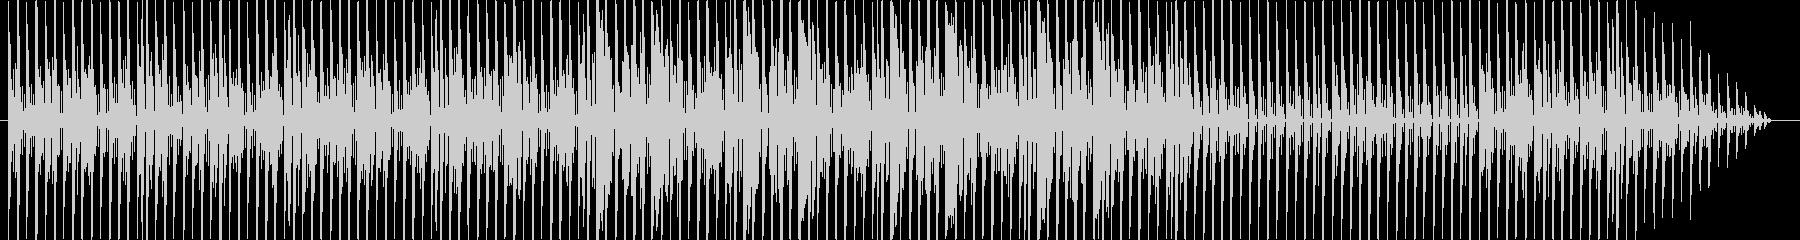 実験開始/コミカルでかわいいの未再生の波形